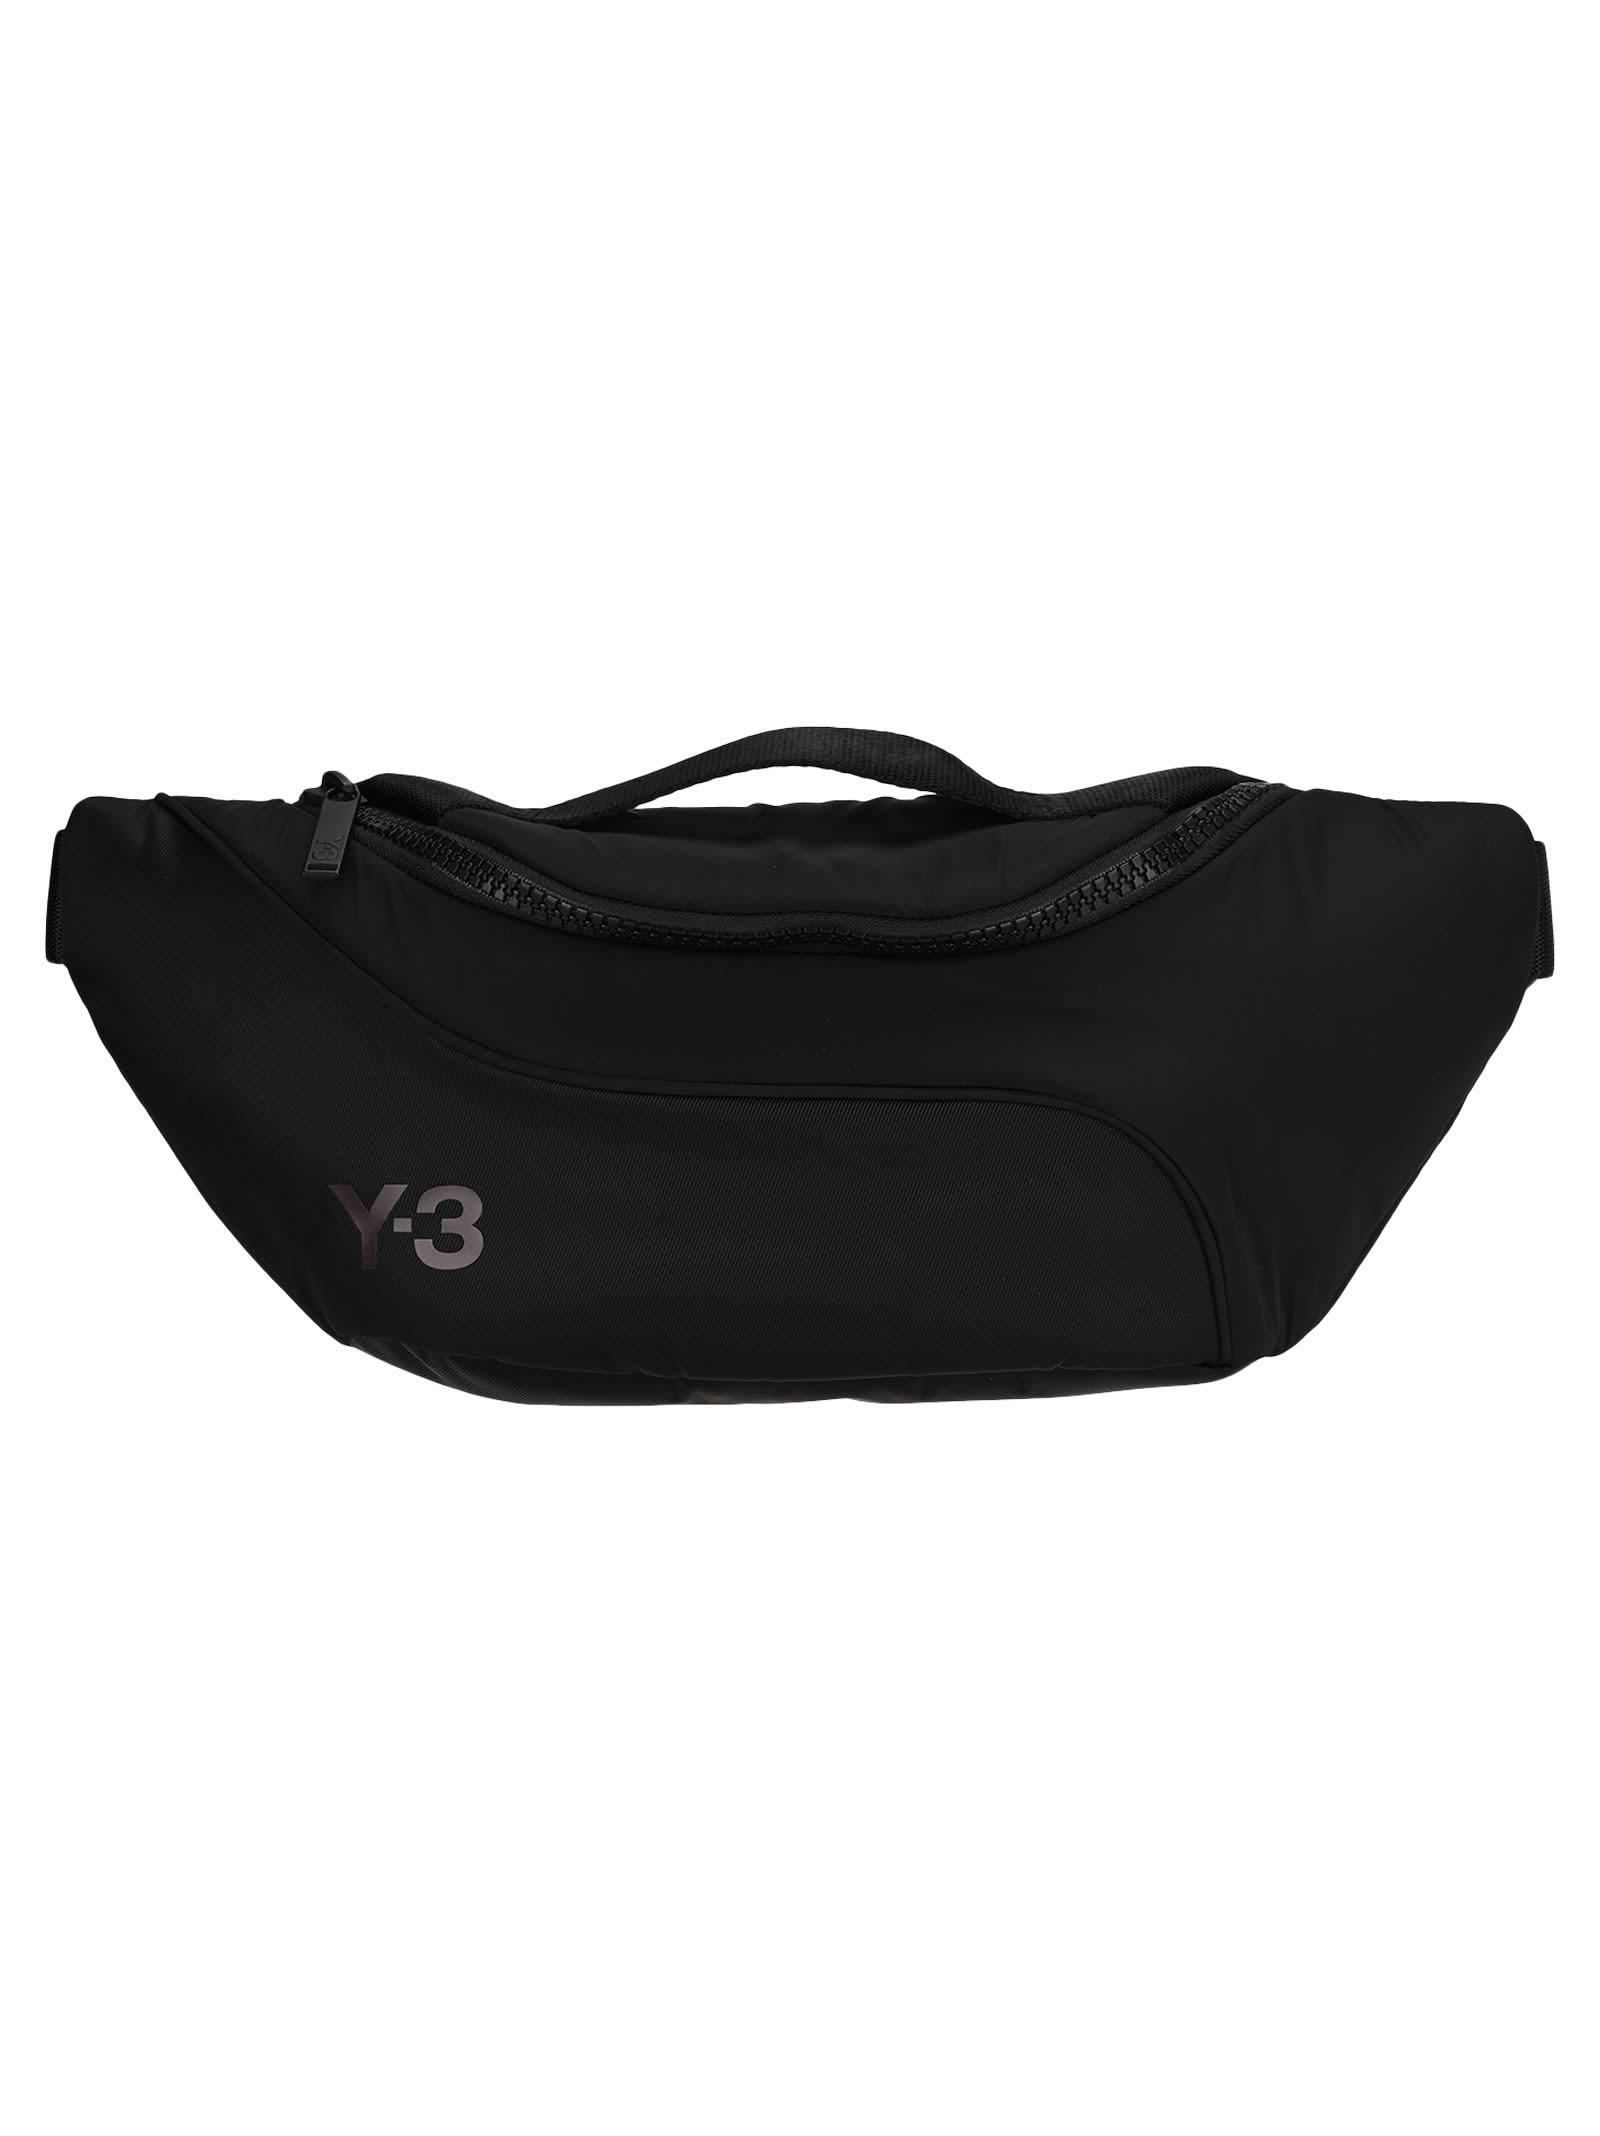 Adidas Y3 Logo Belt Bag